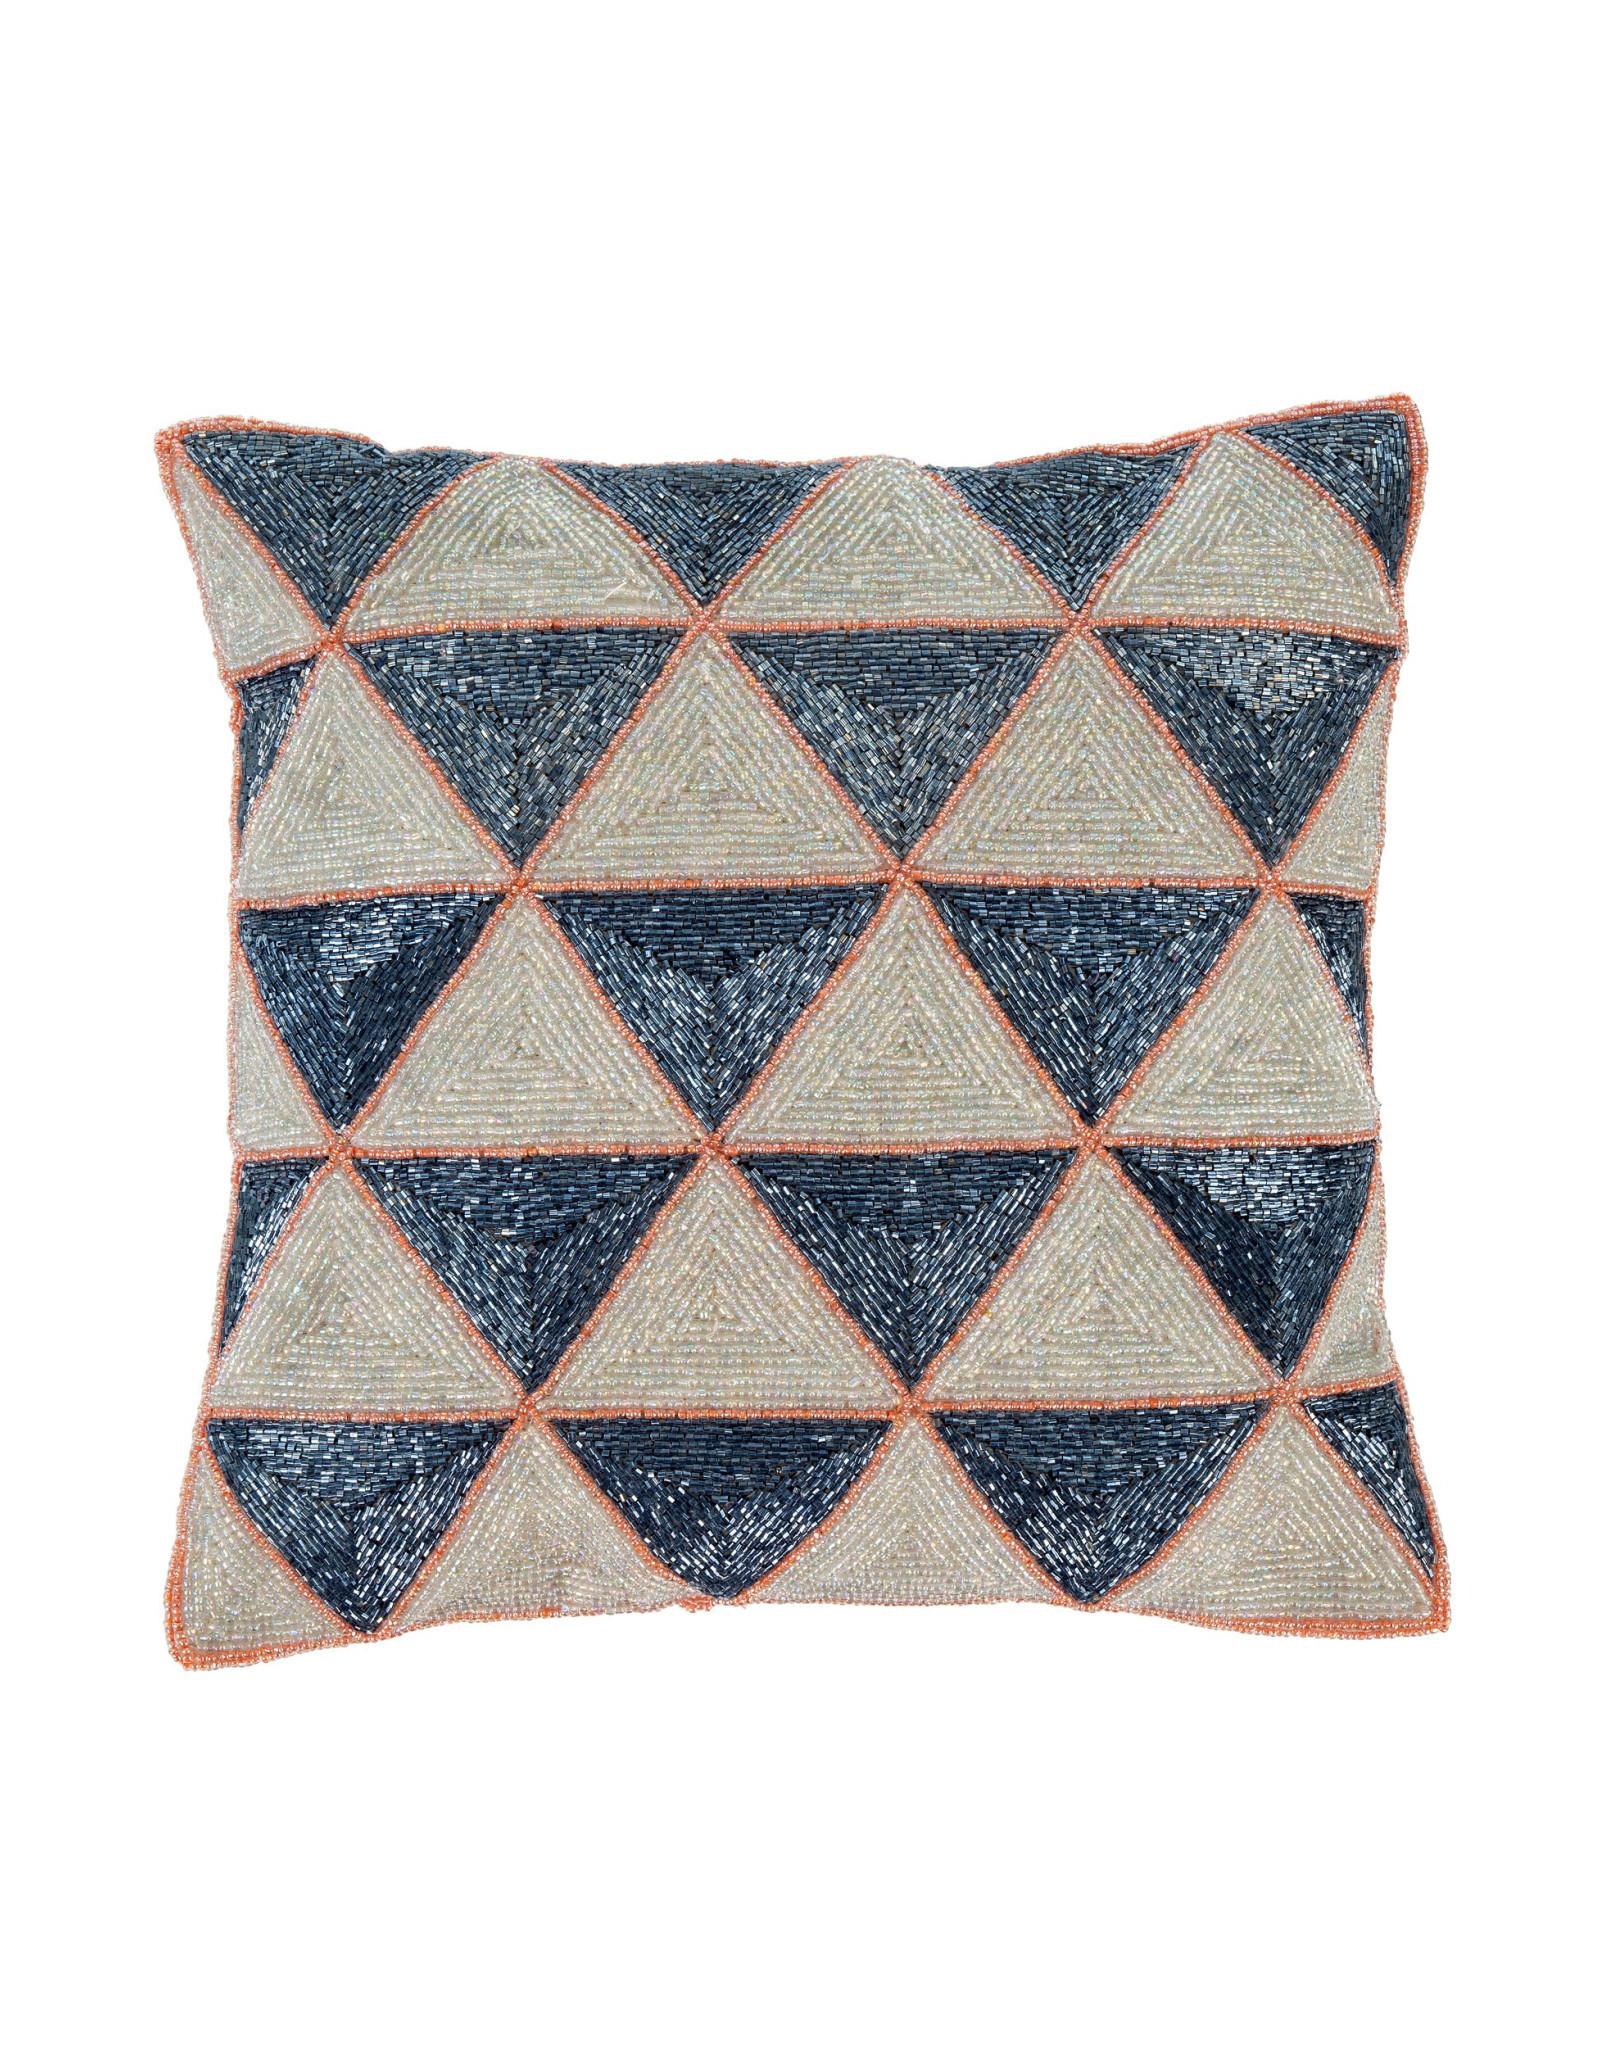 Indaba Beaded Celeste Pillow